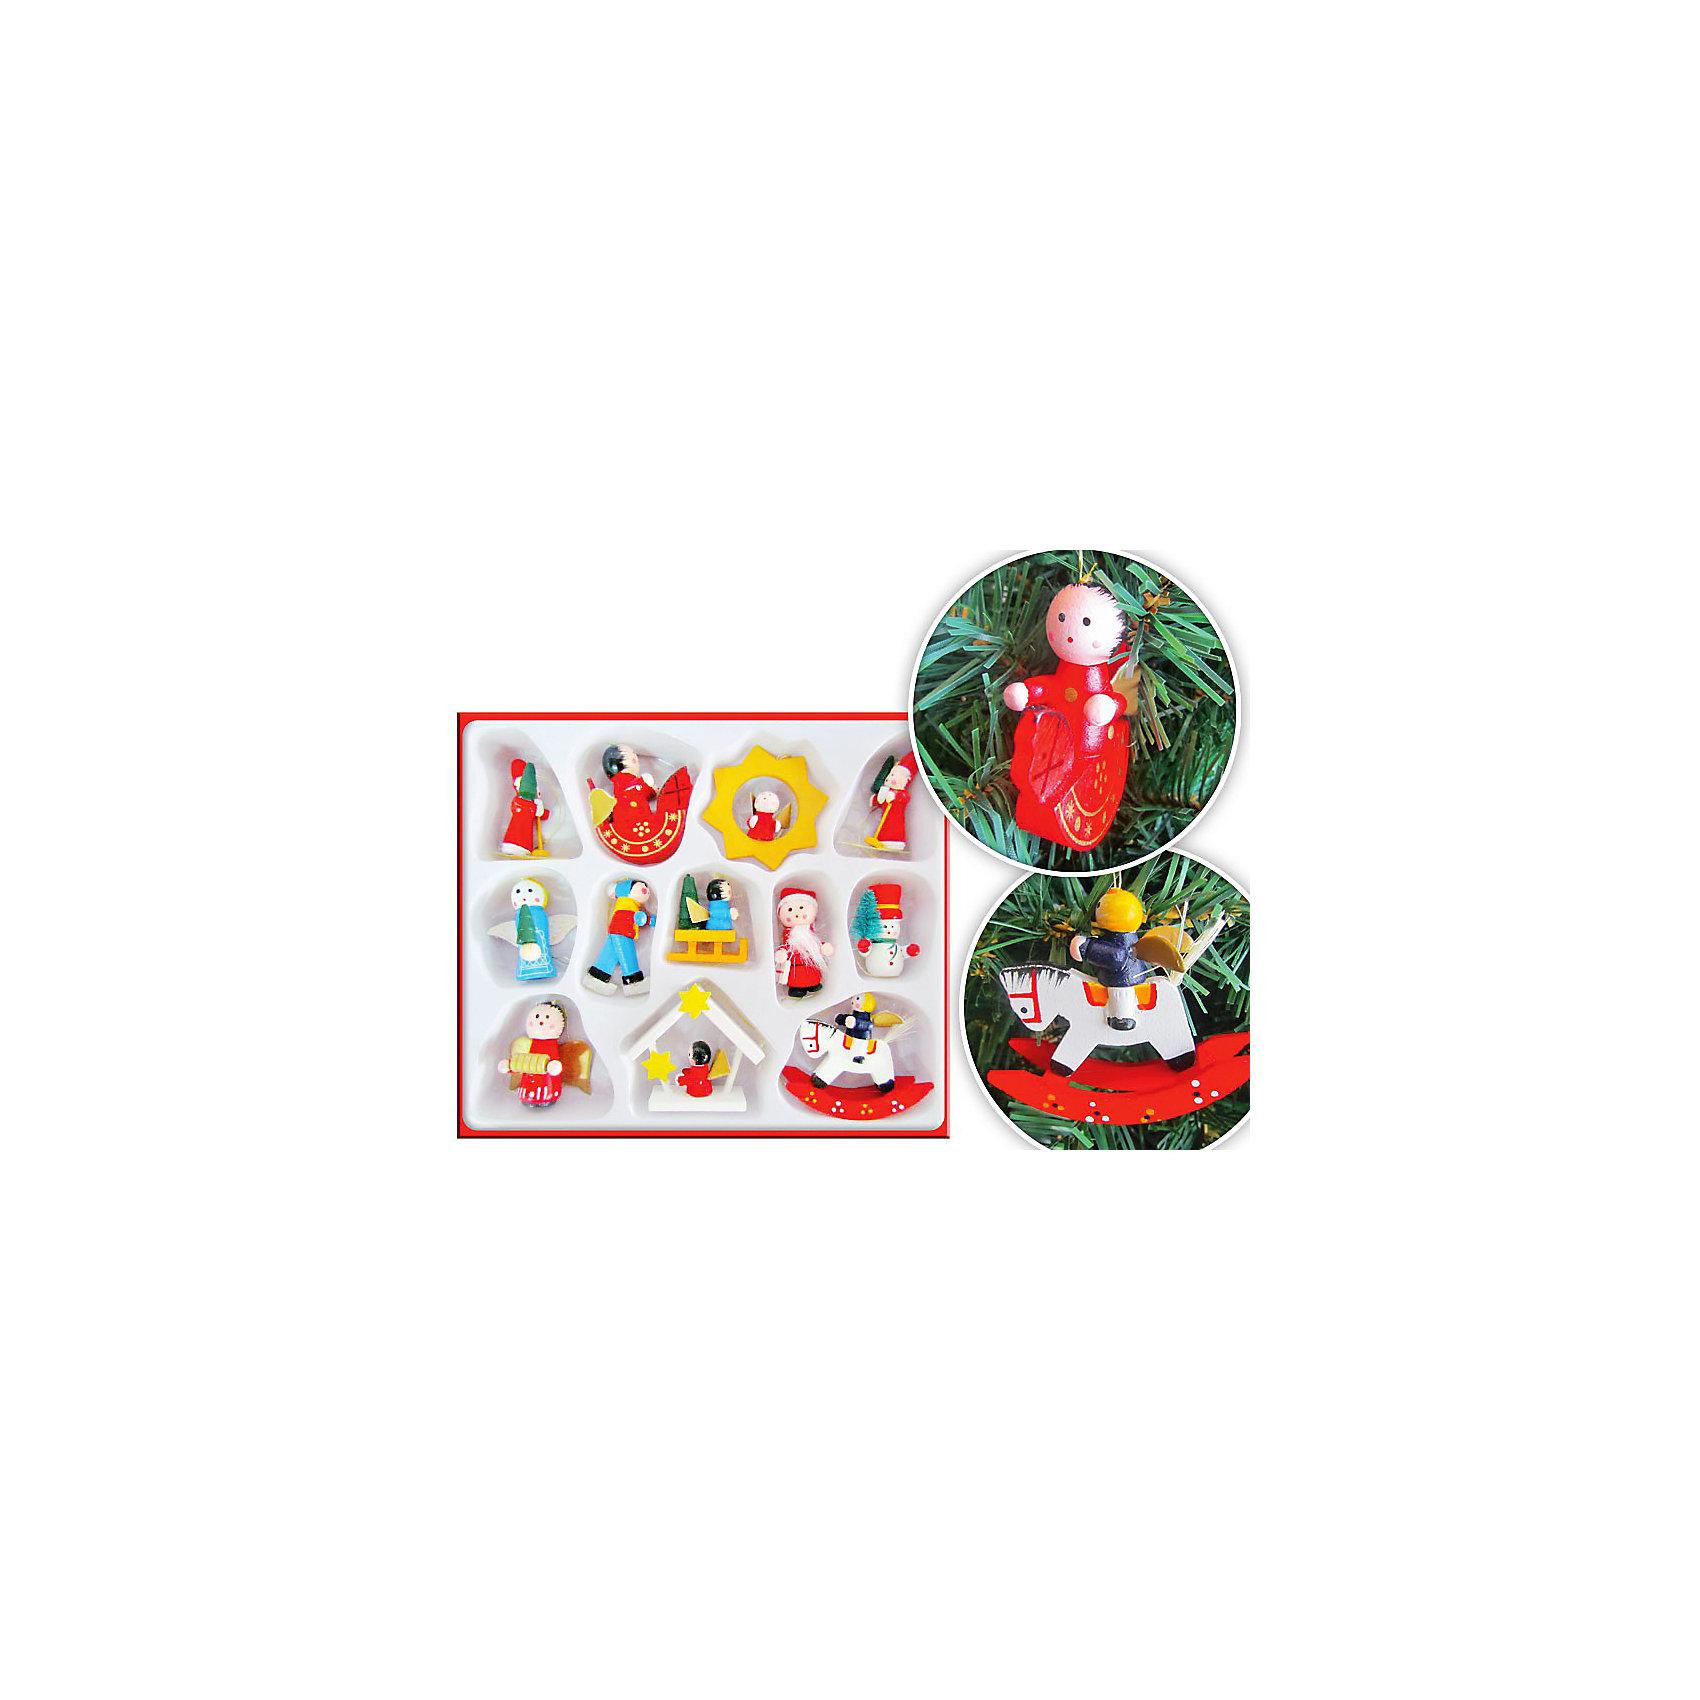 Набор деревянных ёлочных игрушек, 12 предметов, TUKZARНабор деревянных ёлочных игрушек, Tukzar (Тукзар) замечательно украсит Вашу новогоднюю елку и поможет создать праздничную радостную атмосферу. Украшения выполнены в виде различных фигурок на новогоднюю тематику (Дед Мороз, снеговики, ангелочки и другие), они будут чудесно смотреться на елке и радовать детей и взрослых. В комплекте 12 игрушек, упакованных в картонную коробочку. <br><br>Дополнительная информация:<br><br>- В комплекте: 12 шт.<br>- Материал: дерево.<br>- Размер упаковки: 18 х 20 см.<br>- Вес: 96 гр.<br><br>Набор деревянных ёлочных игрушек, Tukzar (Тукзар) можно купить в нашем интернет-магазине.<br><br>Ширина мм: 180<br>Глубина мм: 200<br>Высота мм: 100<br>Вес г: 120<br>Возраст от месяцев: 36<br>Возраст до месяцев: 144<br>Пол: Унисекс<br>Возраст: Детский<br>SKU: 3368305